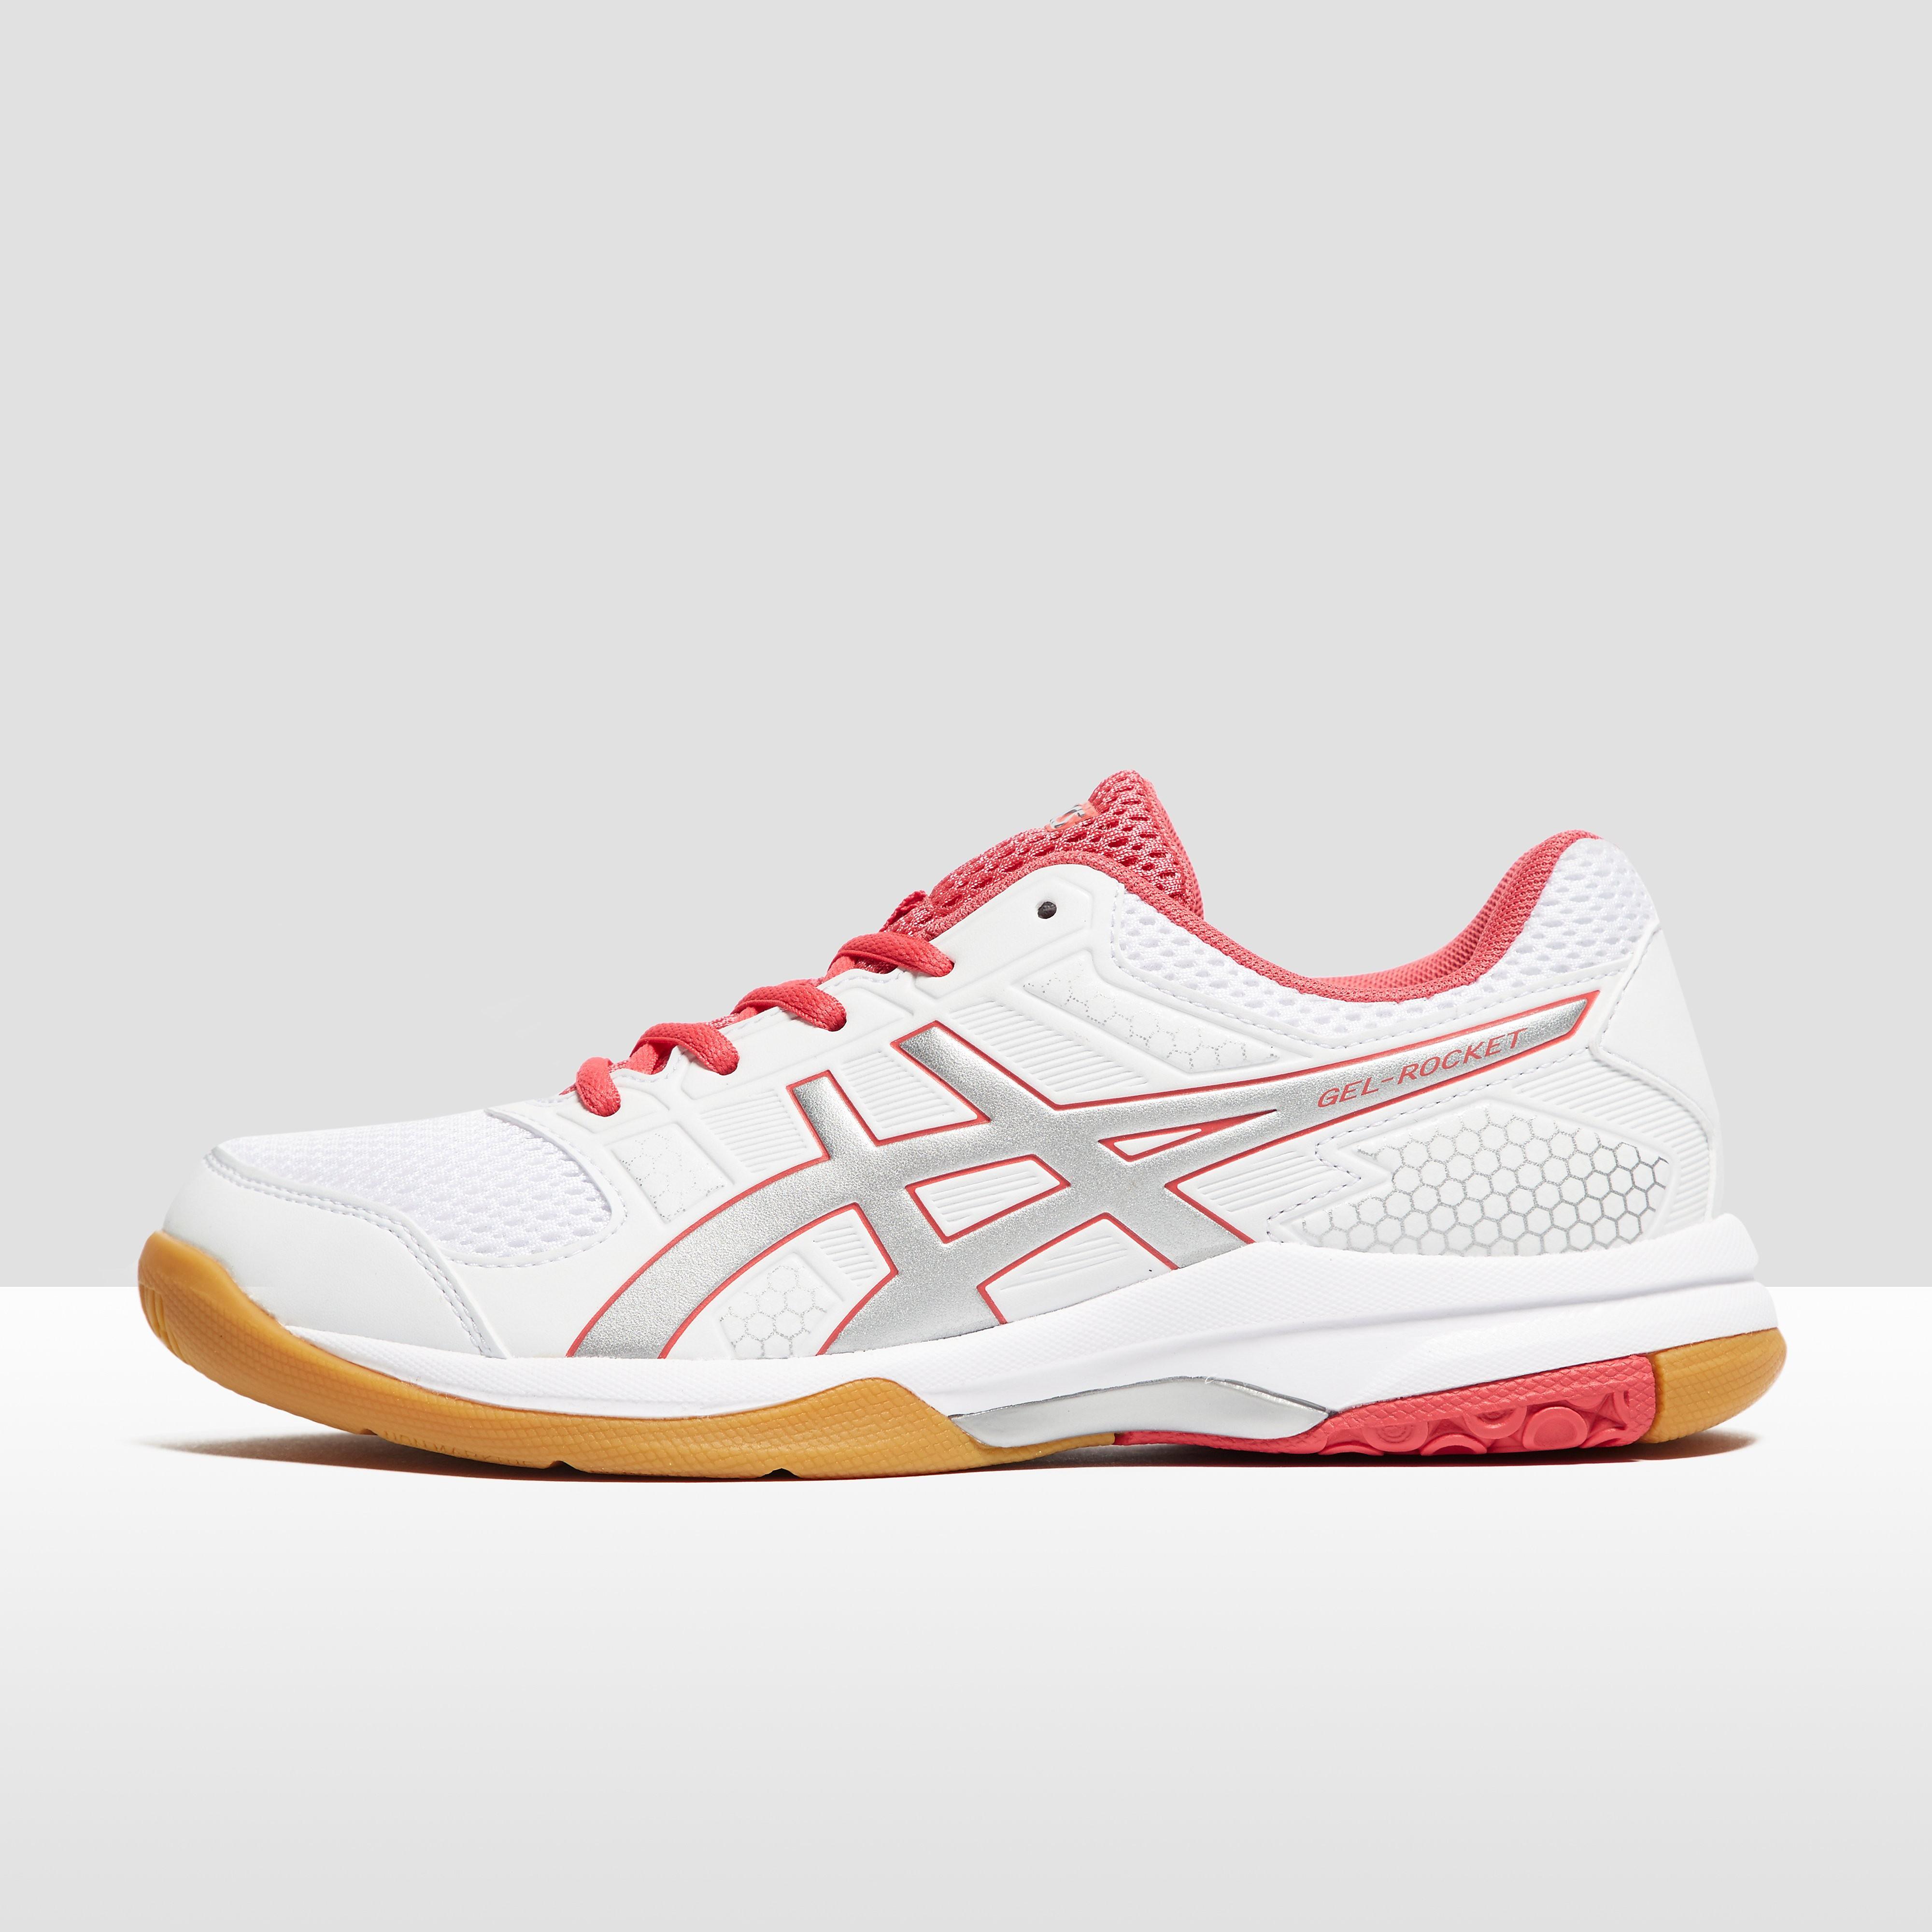 ASICS GEL-Rocket 8 Women's Indoor Court Shoes